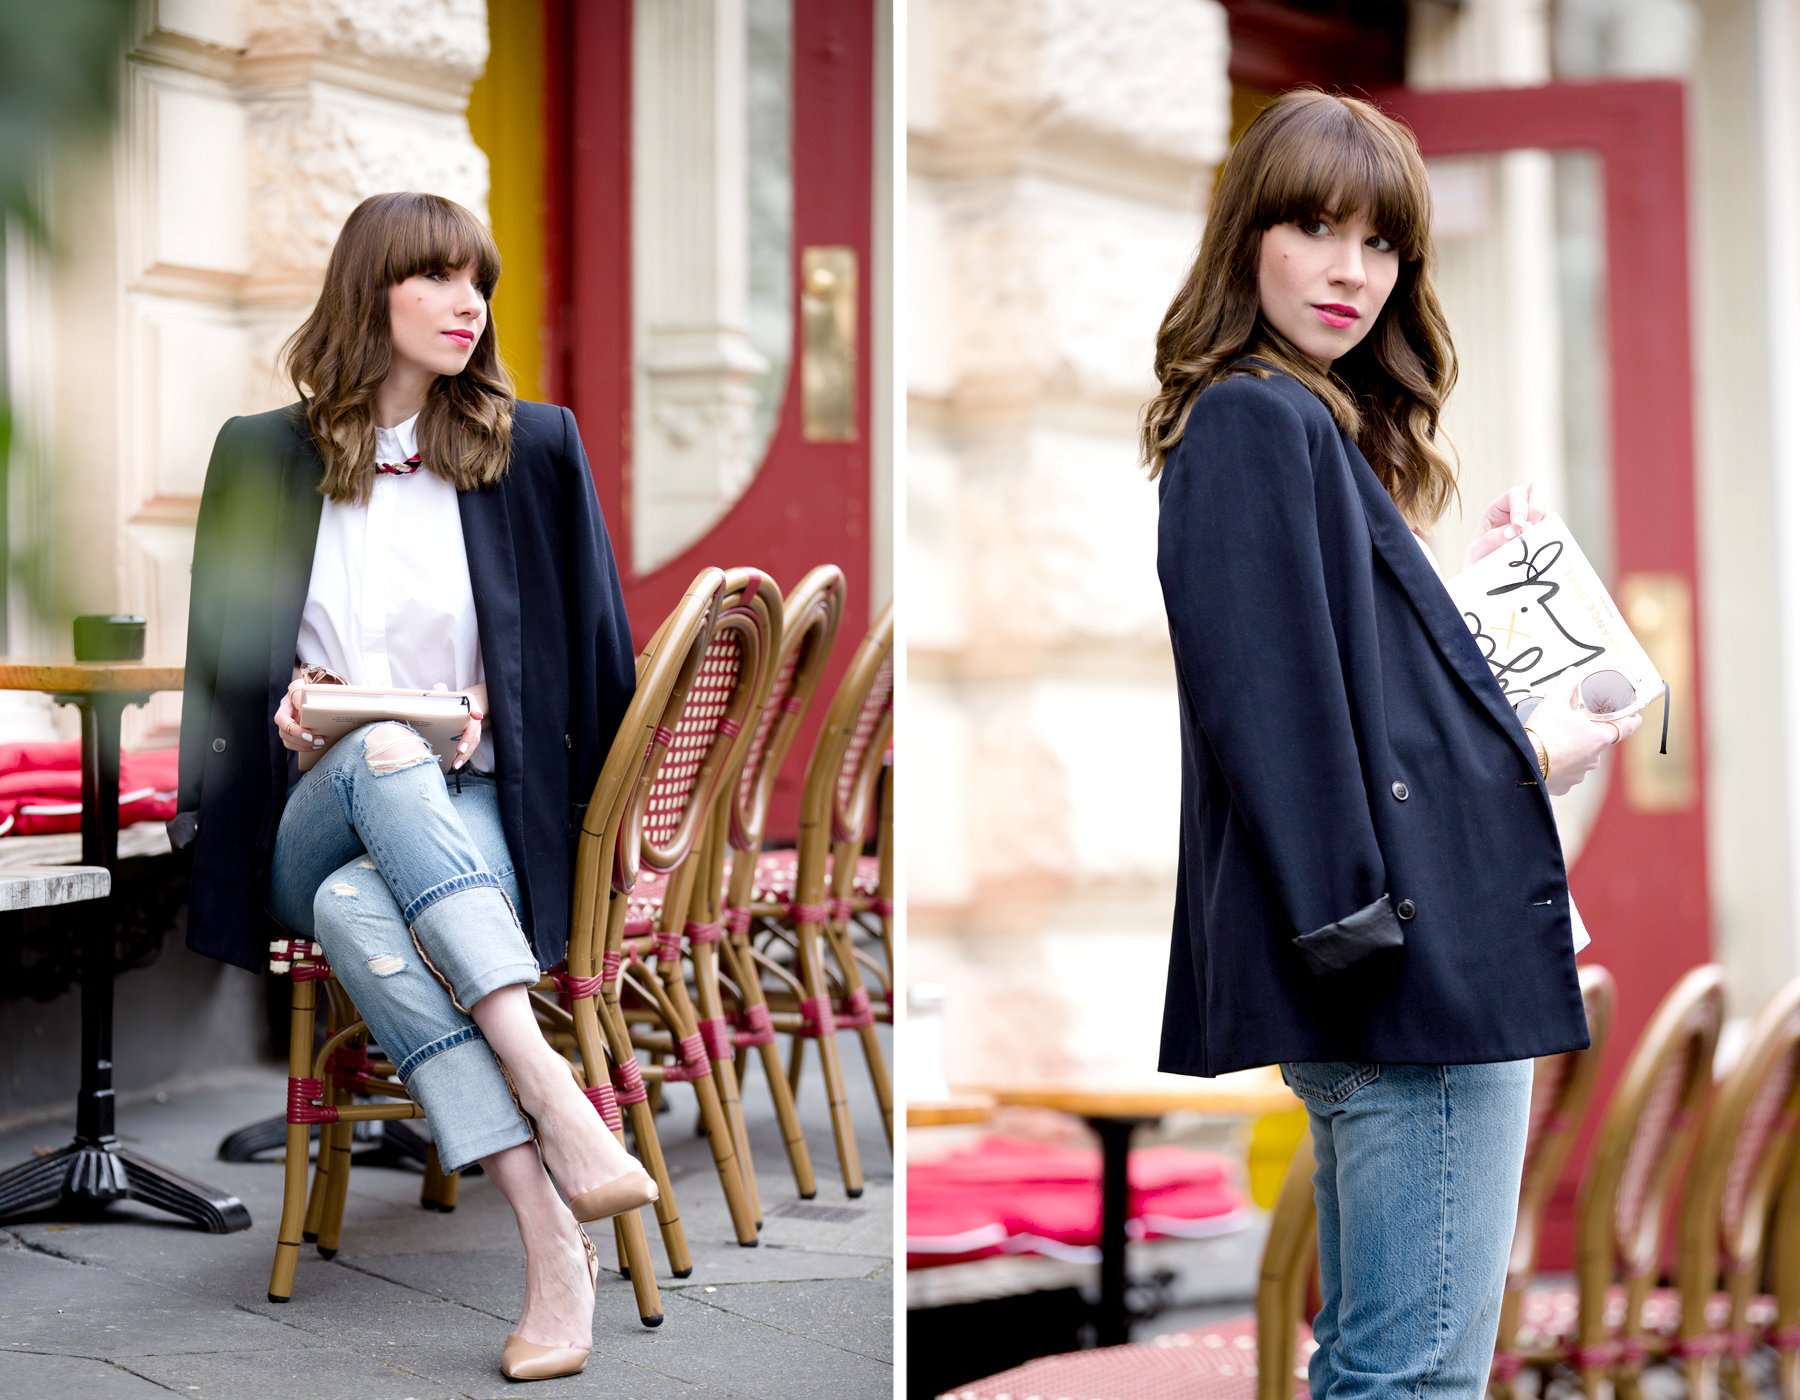 black blazer levi's 501 denim jeans nude pumps garance dore book parisienne french style blogger fashionblogger ootd outfit bangs brunette paris cute girl cats & dogs fashionblog ricarda schernus shopbop sale 6